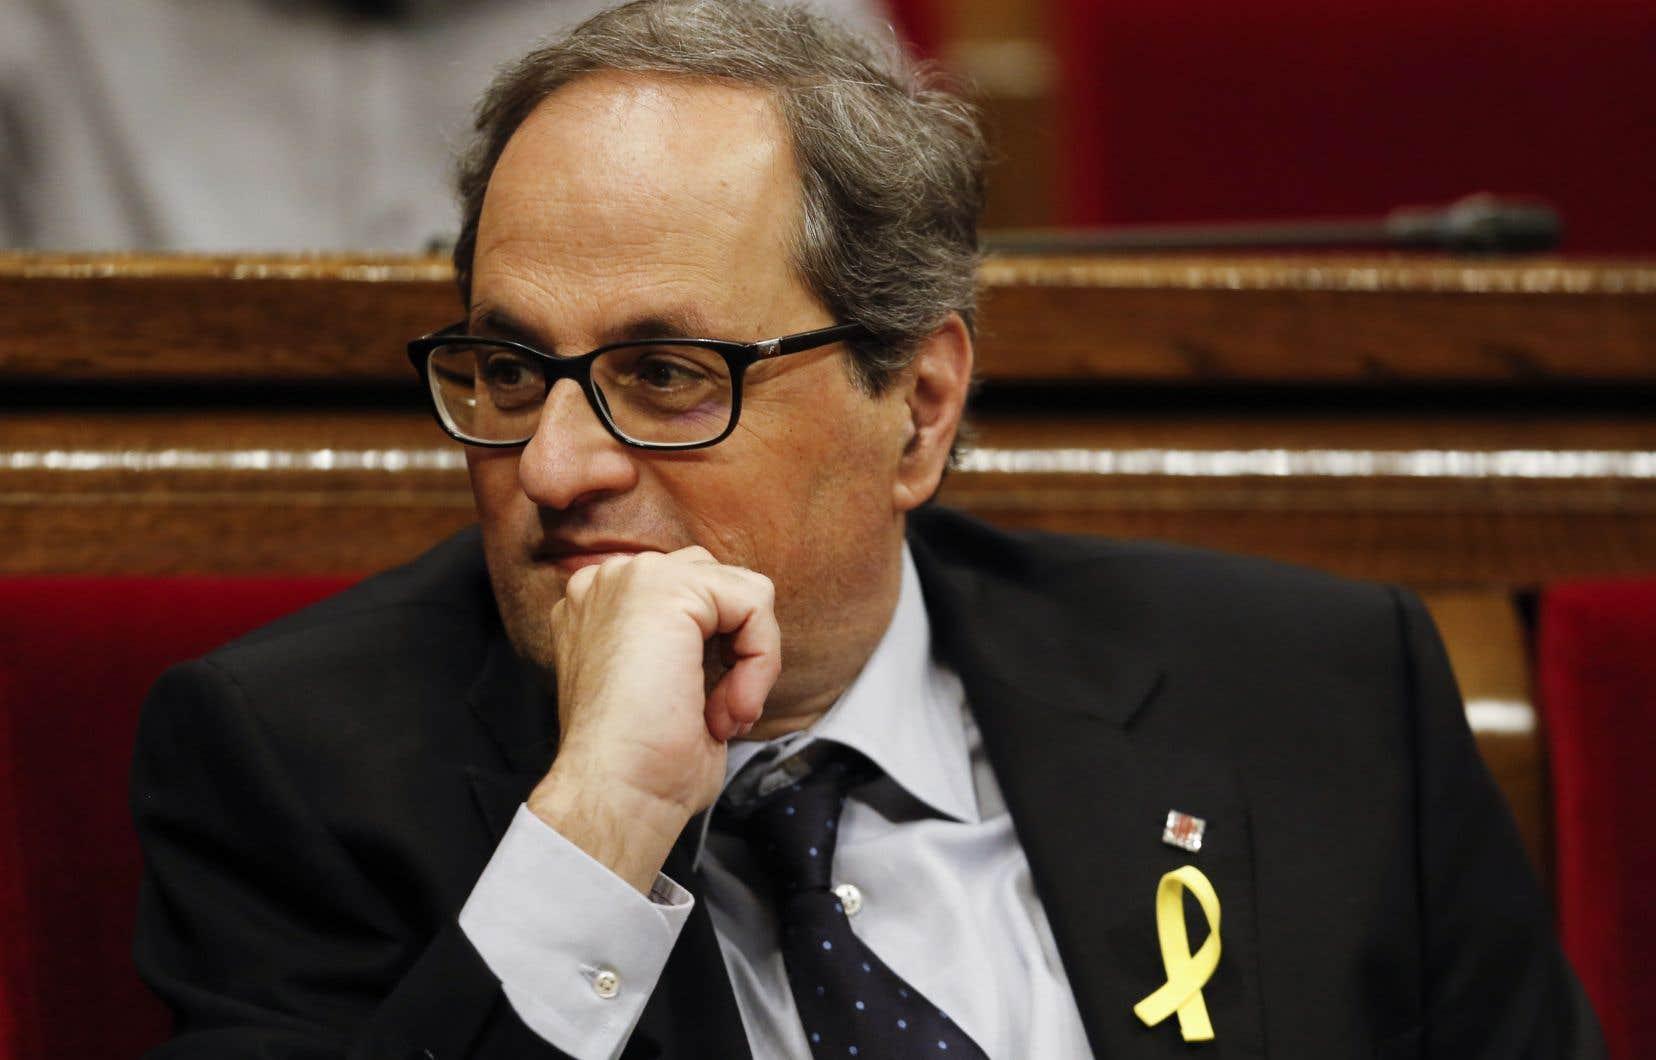 Quim Torra, 55ans, un novice en politique, est lecandidat choisi par Carles Puigdemont pour lui succéder.